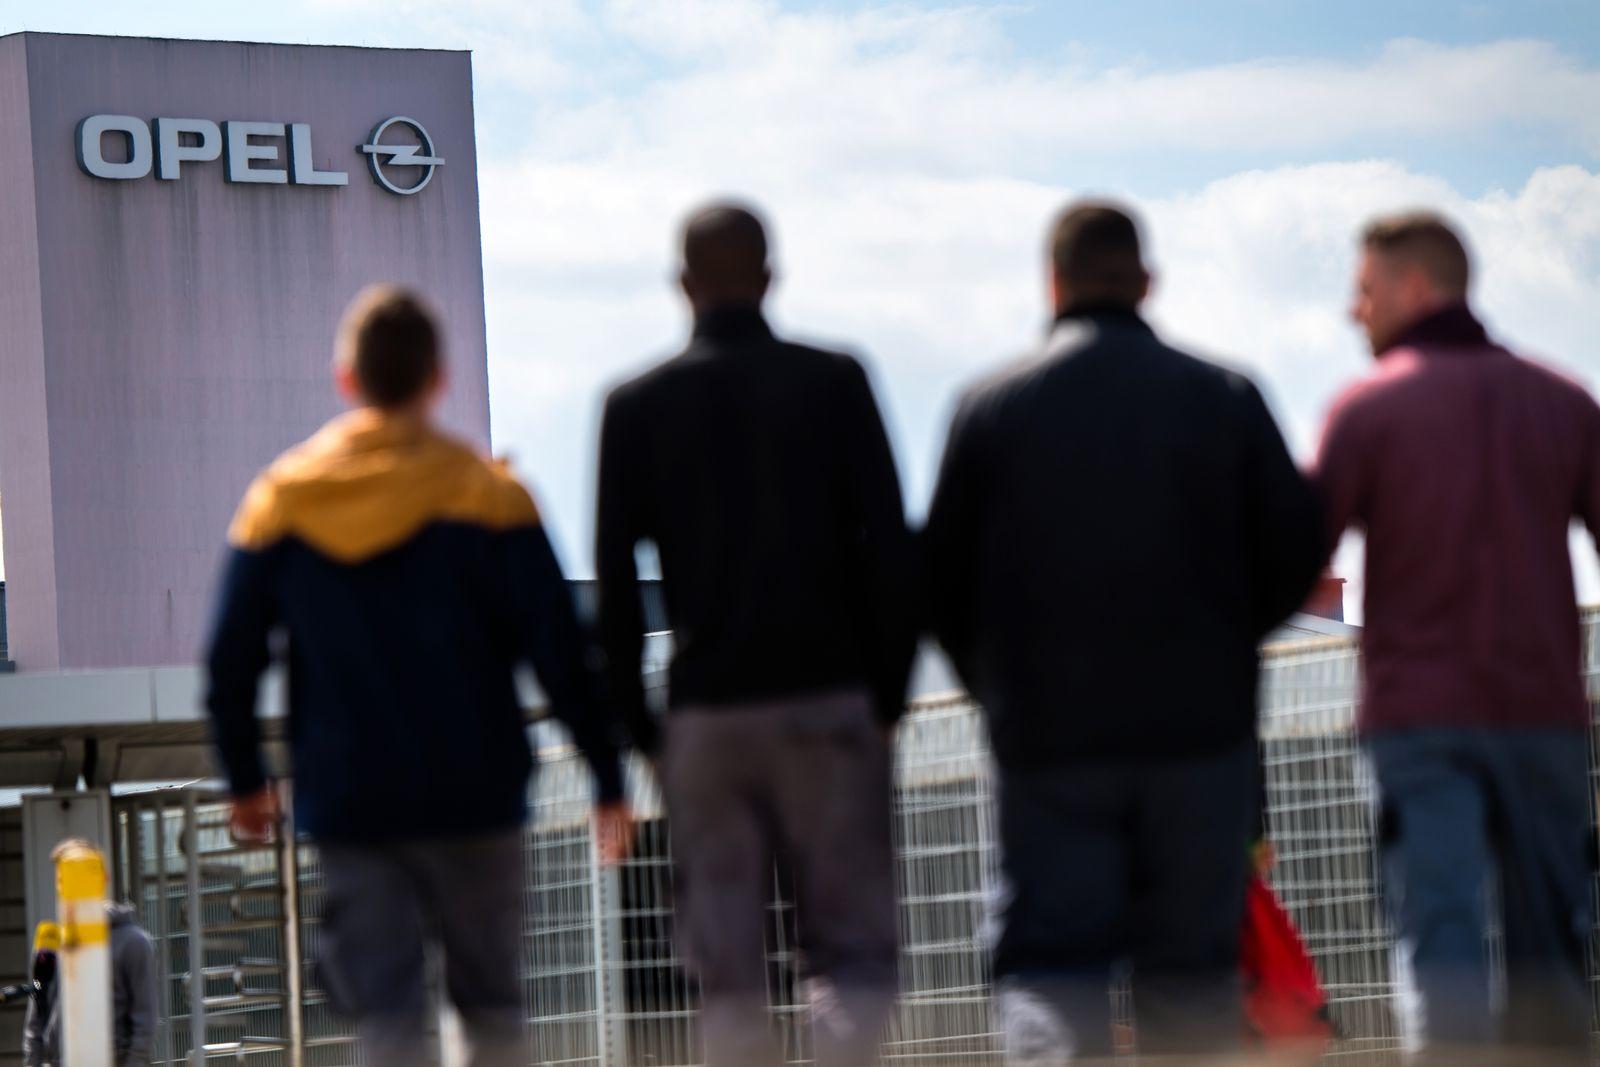 Opel / Belegschaft / Rüsselsheim